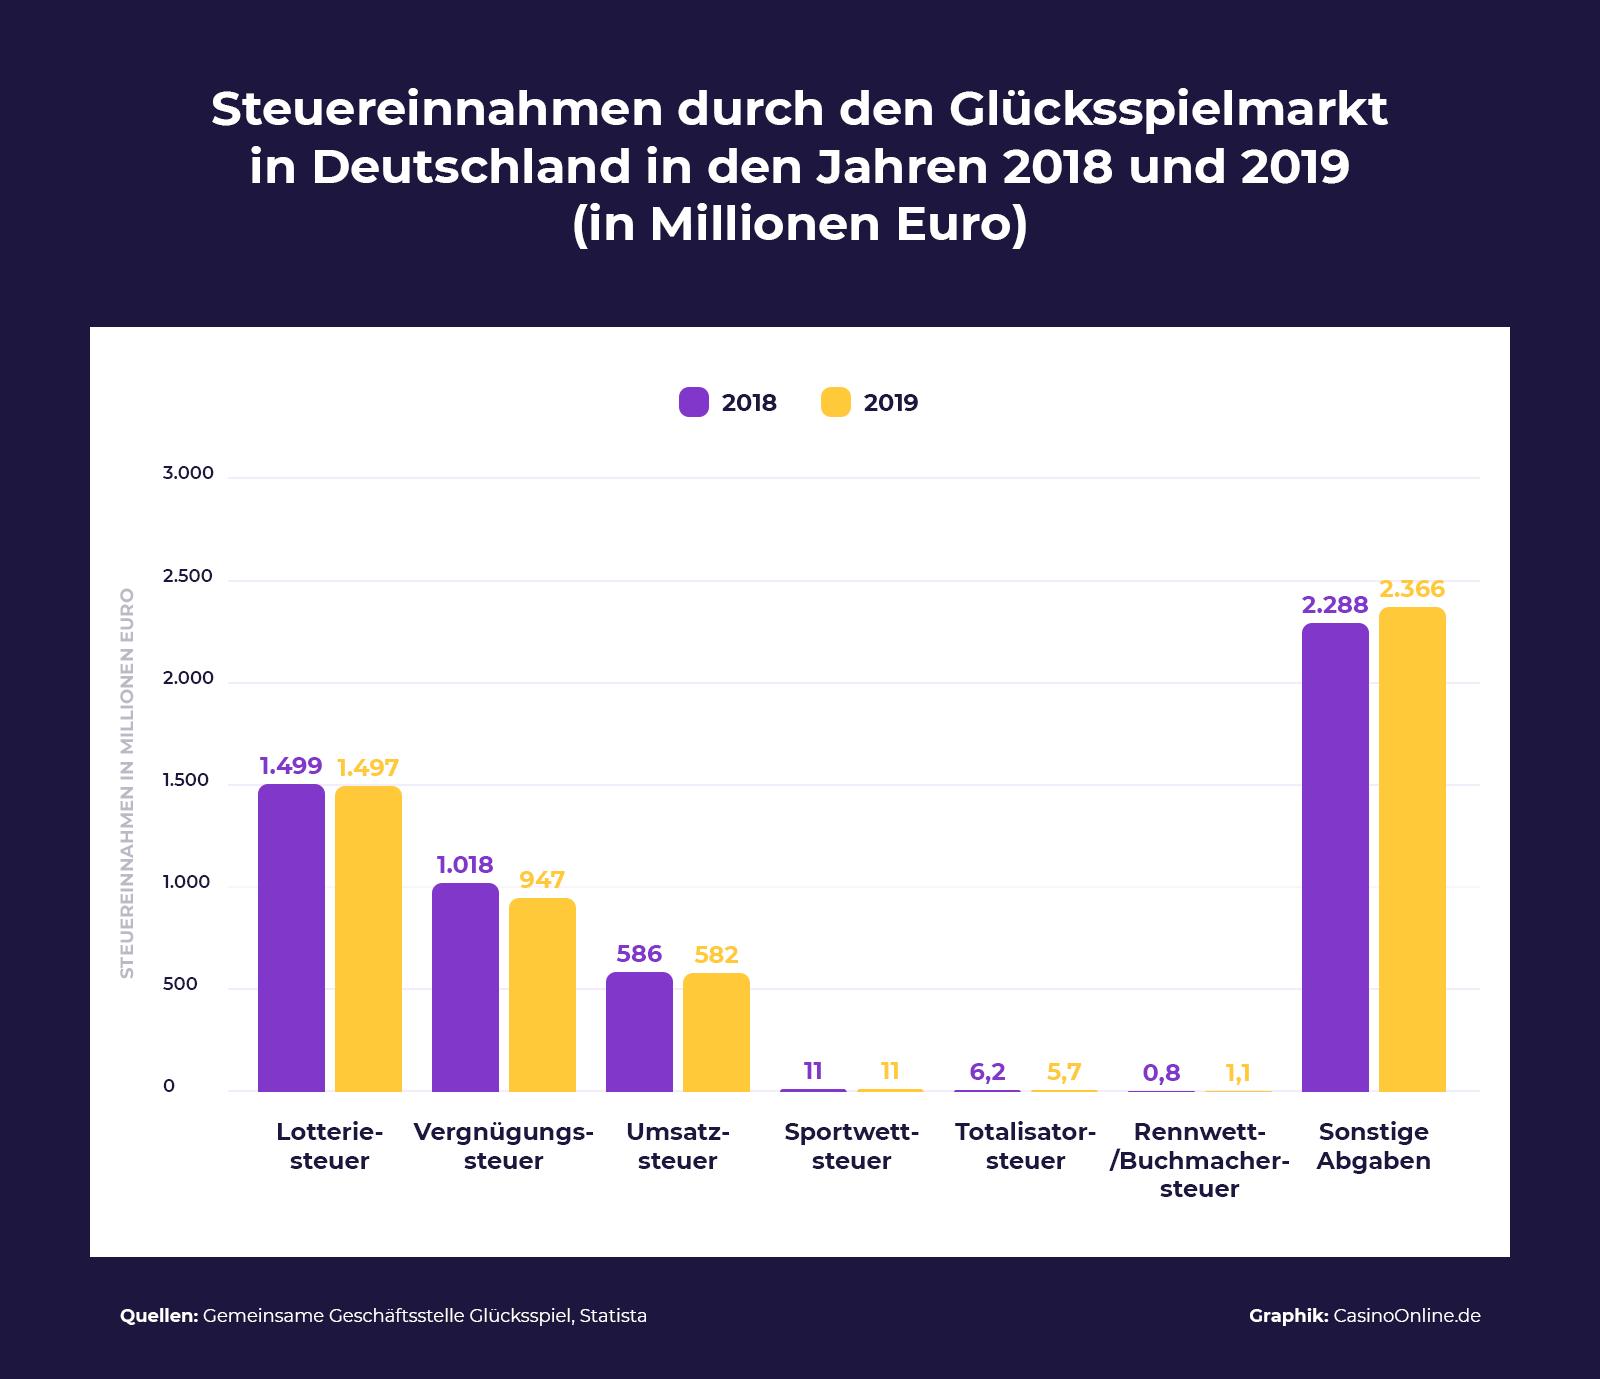 Steuereinnahmen durch den Glücksspielmarkt in Deutschland in den Jahren 2018 und 2019 in Millionen Euro